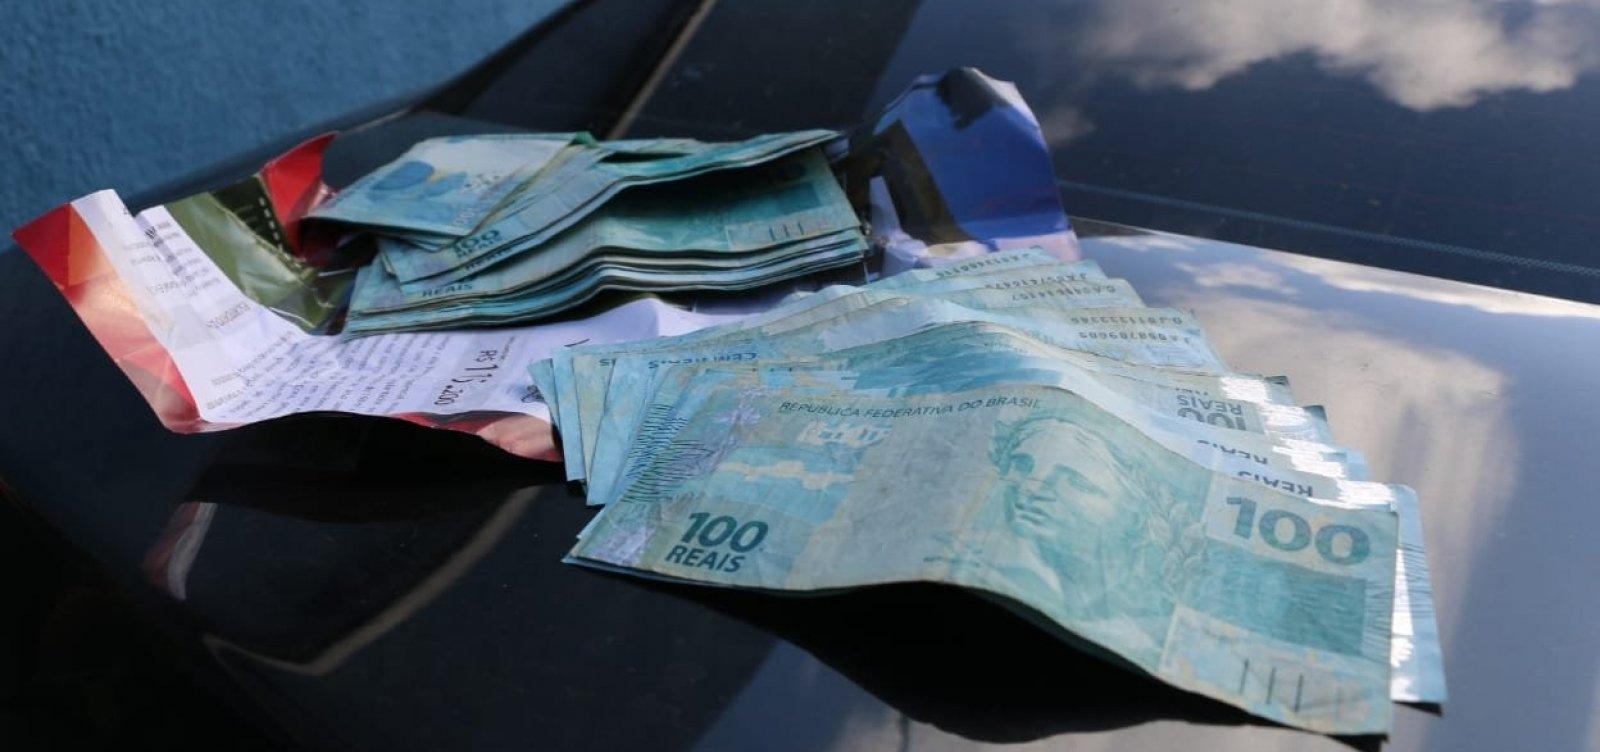 Na Aspra, MP encontra munições e dinheiro em carro da AL-BA